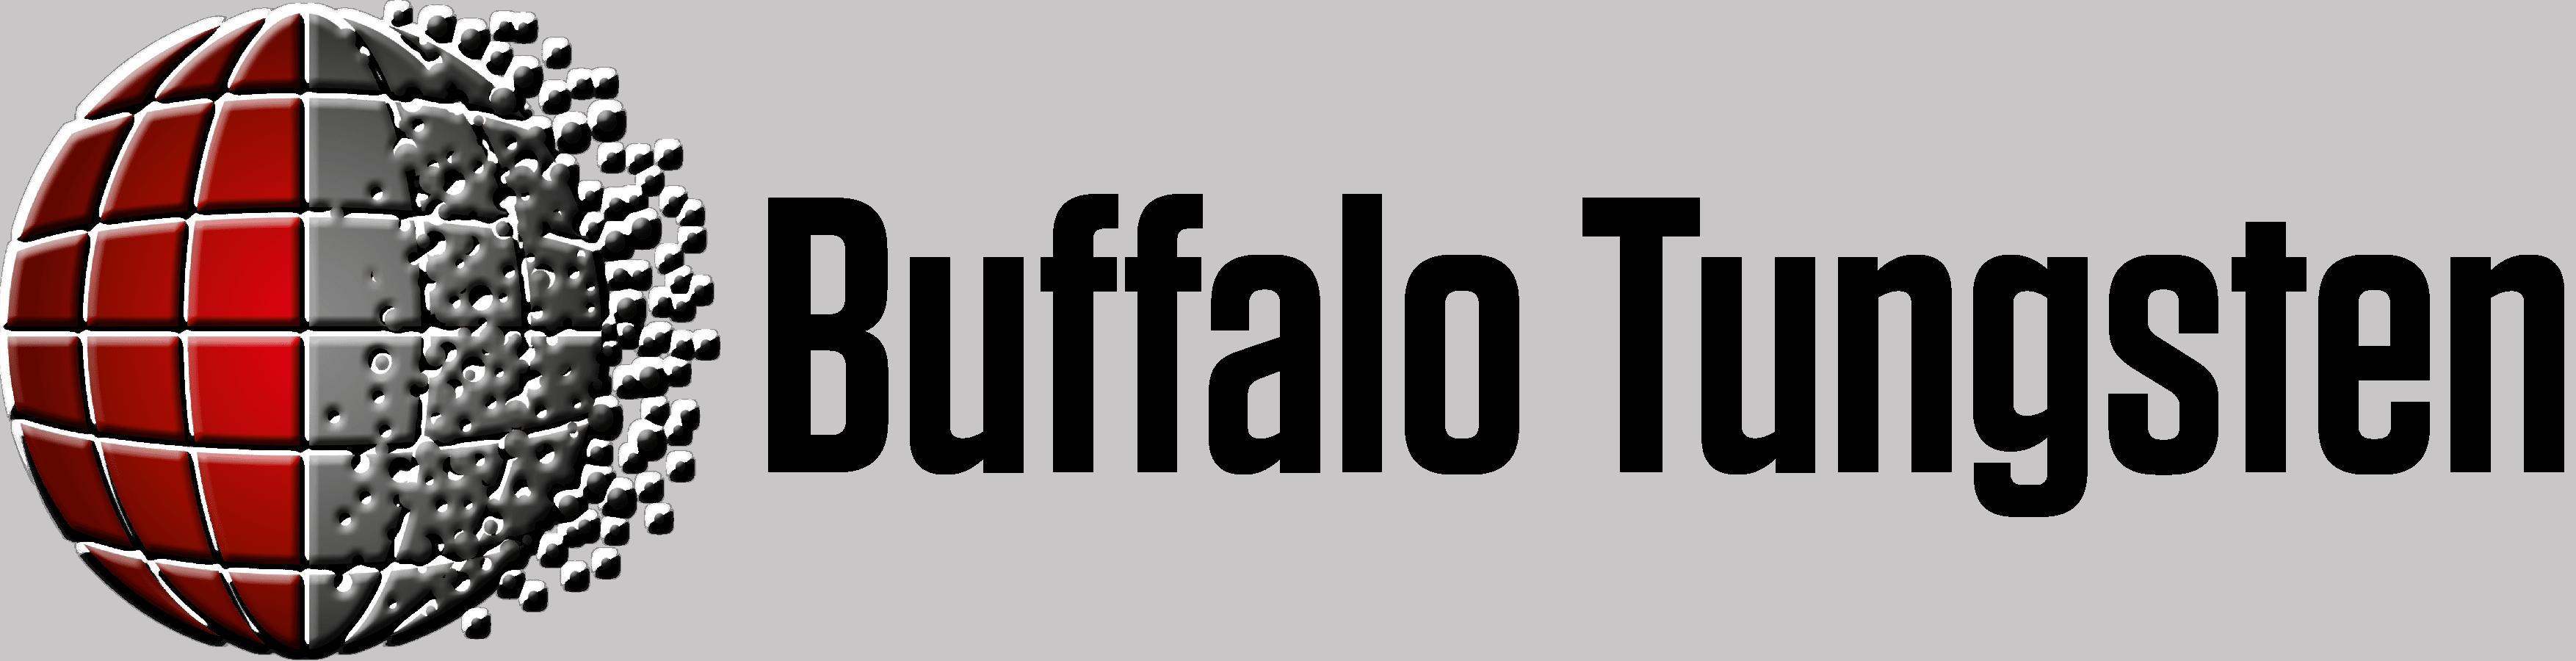 Buffalo Tungsten Logo Horizontal